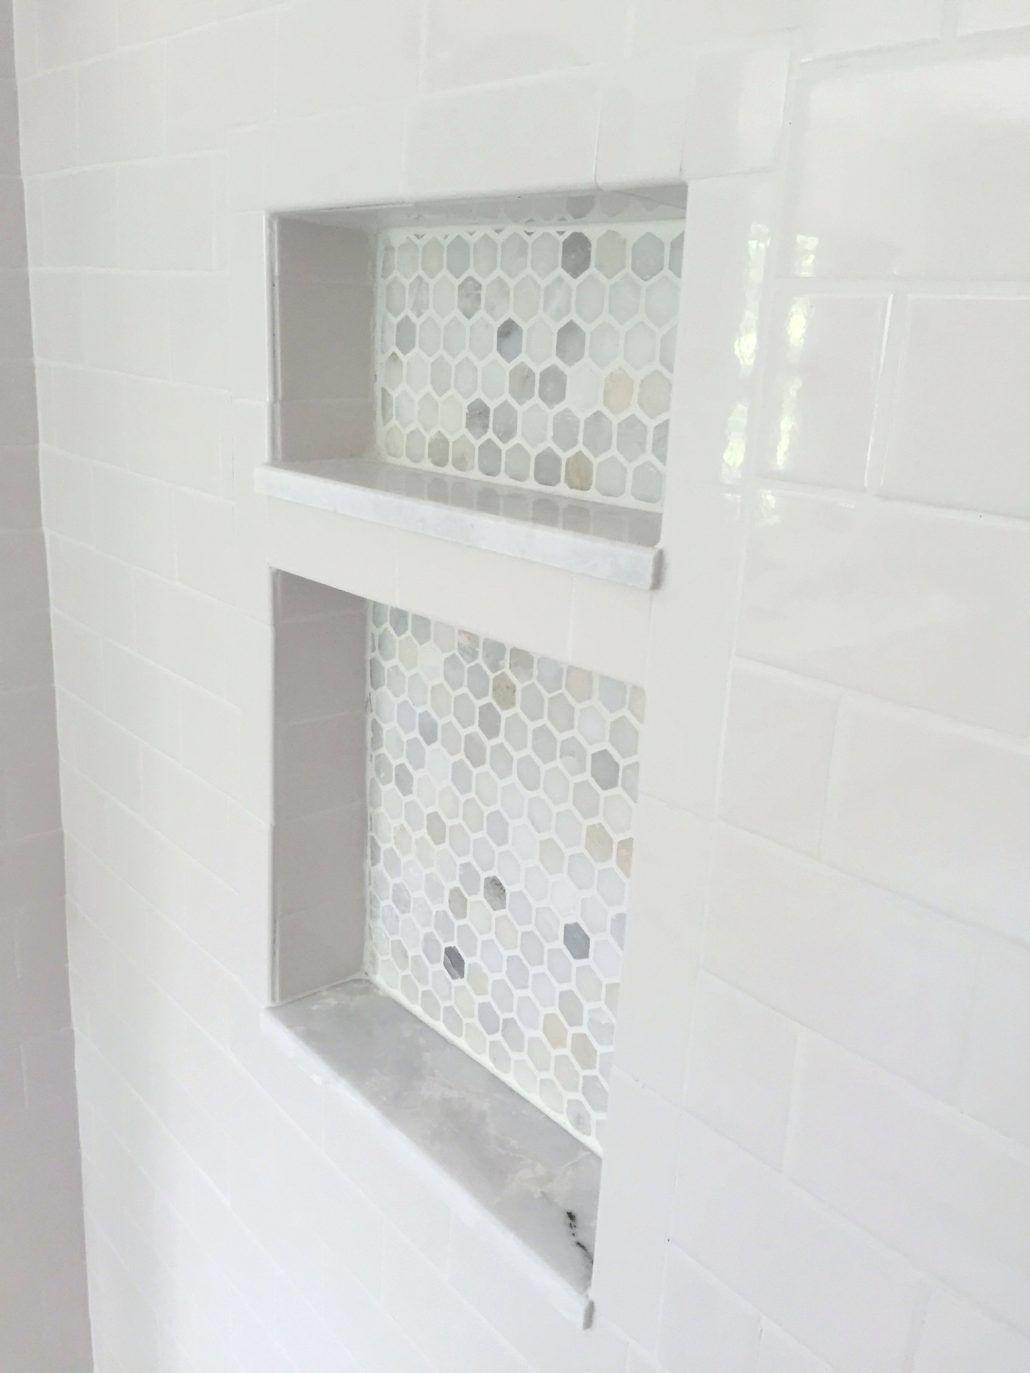 Bathroom: Shower Niche Ideas Bathroom Shower Niche Pictures Marble Hexagon Mosaic #whitesubwaytilebathroom